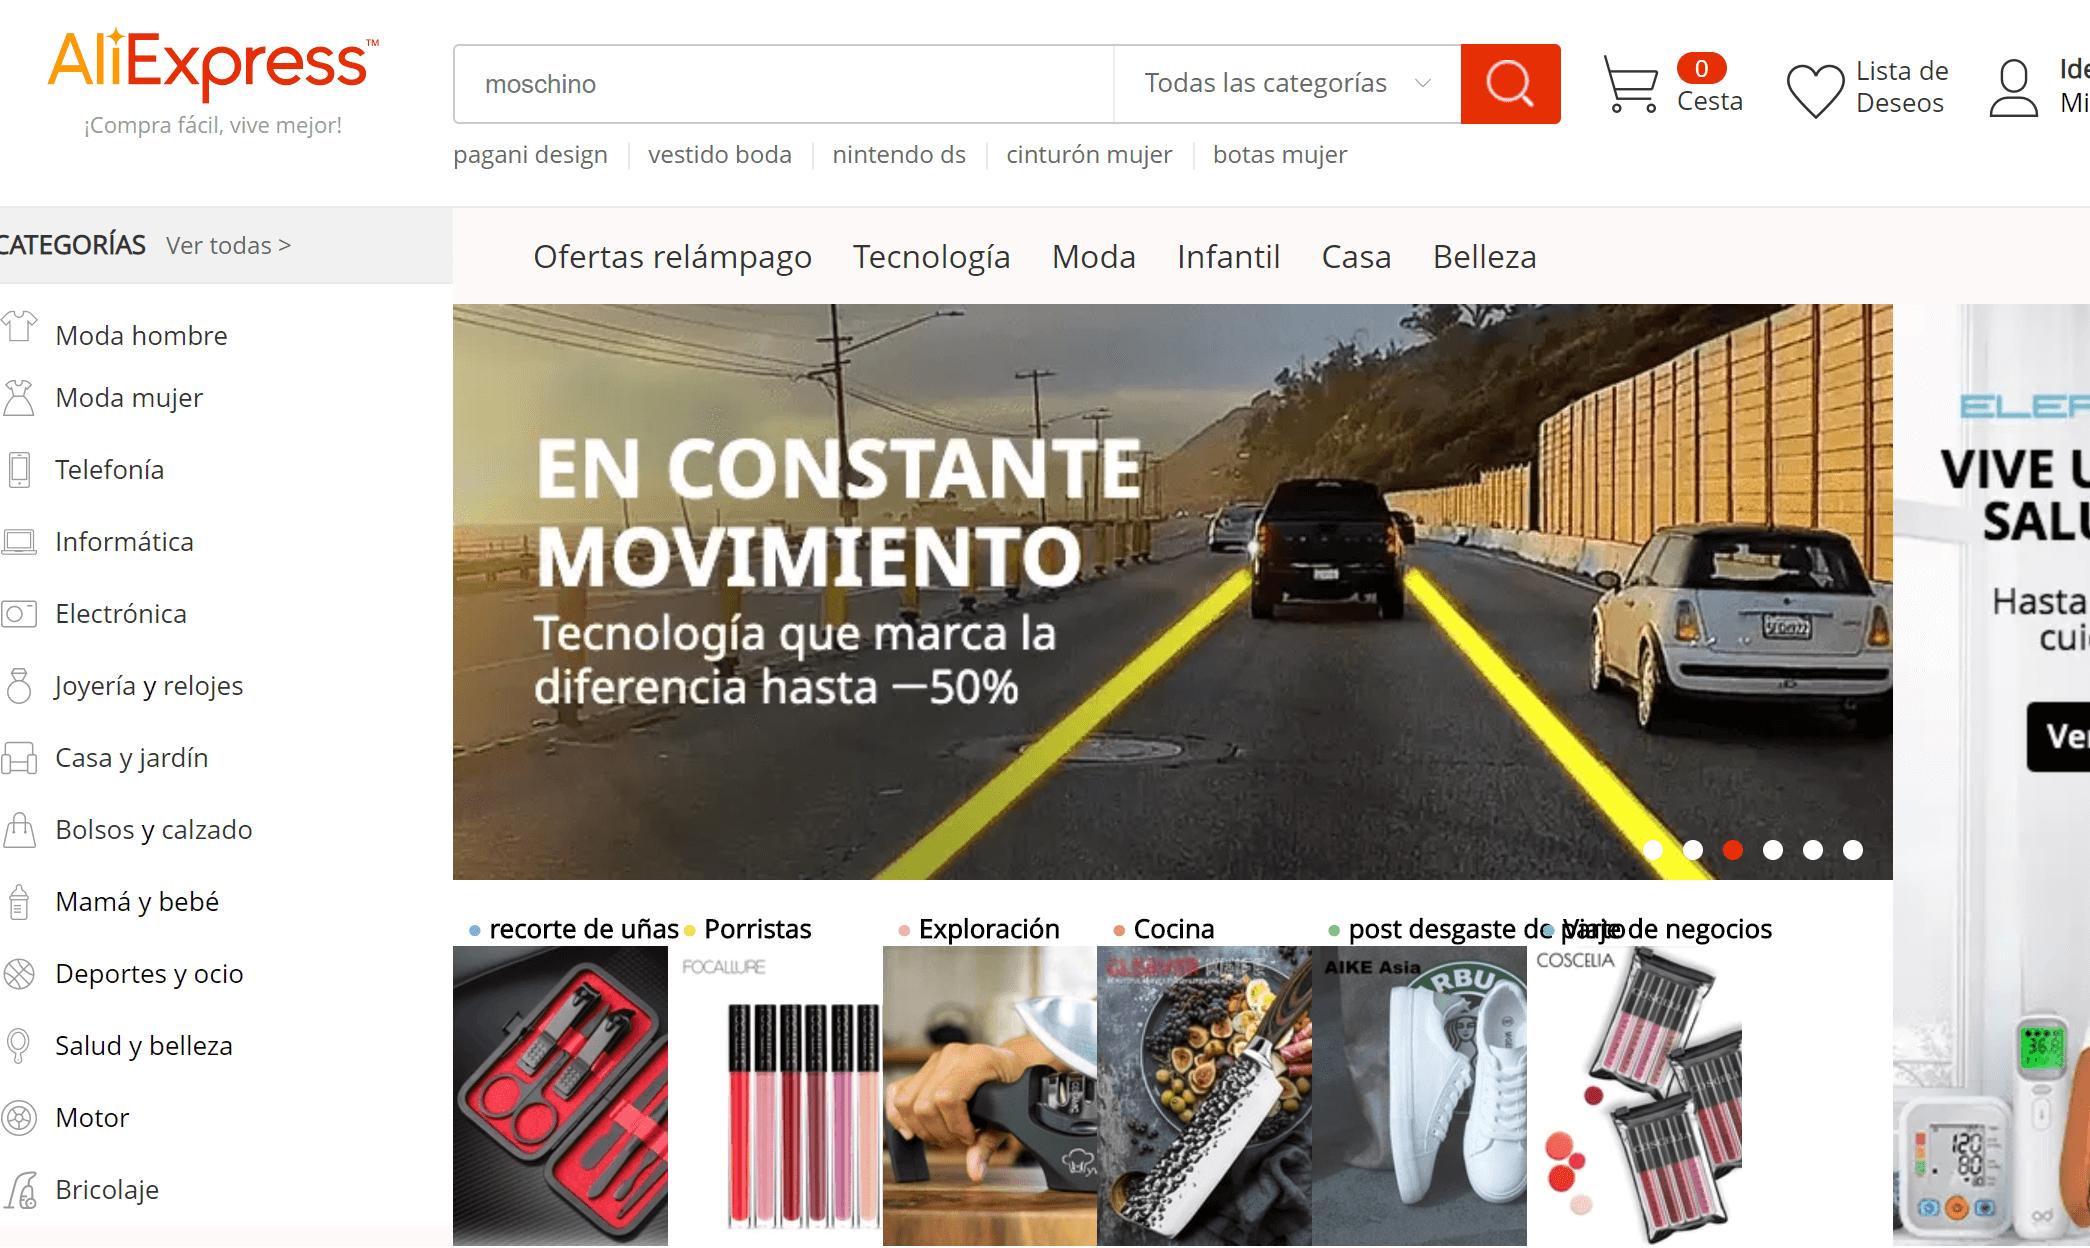 Acheter une boutique en ligne en drop shipping dont le fournisseur est Aliexpress, est-ce une bonne idée ?